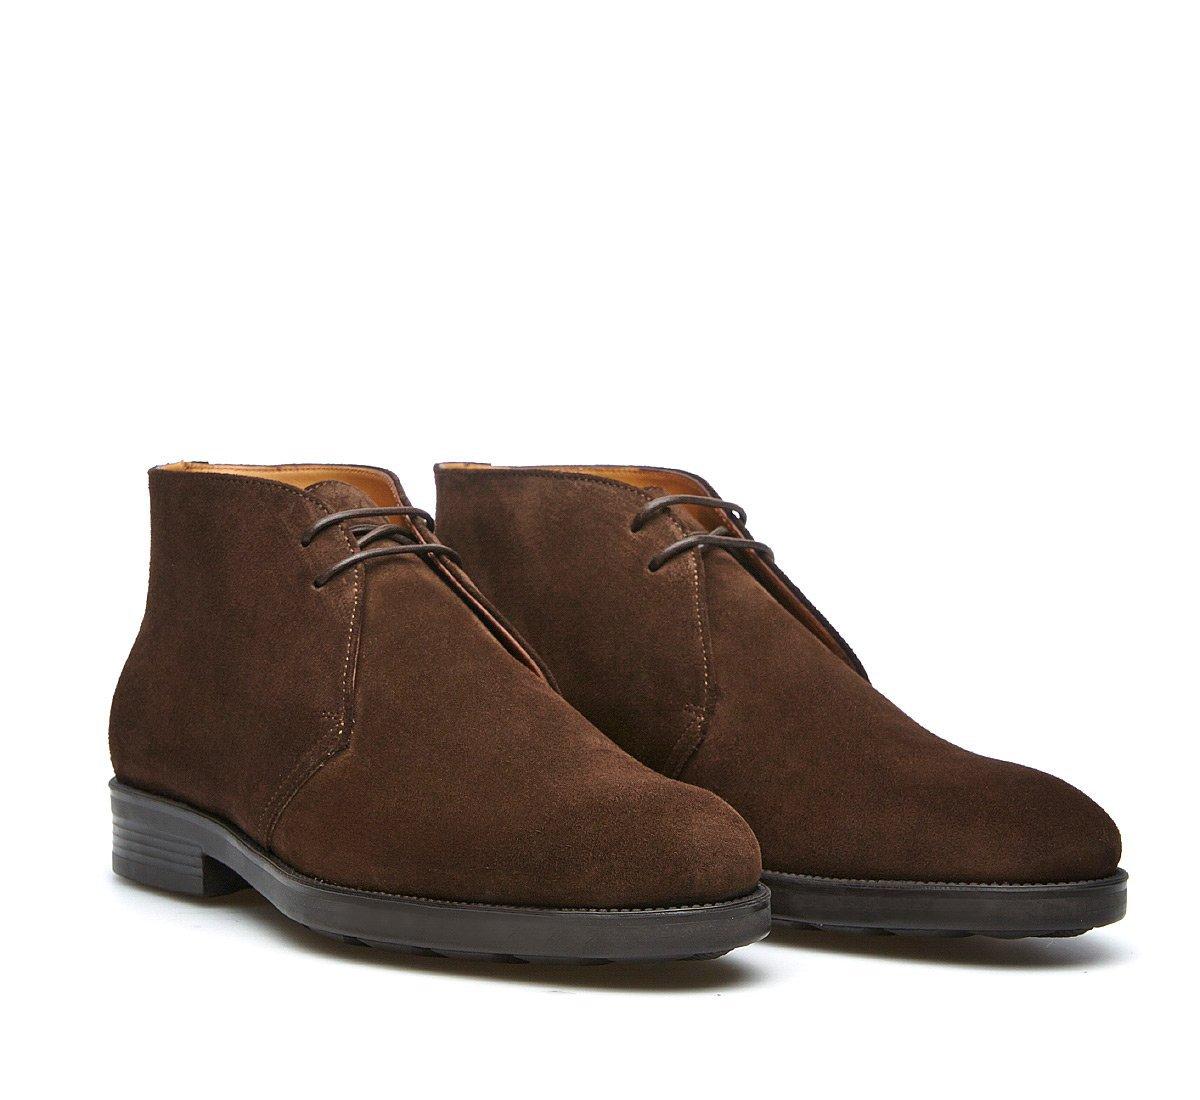 Ботинки из мягкой выделанной замши